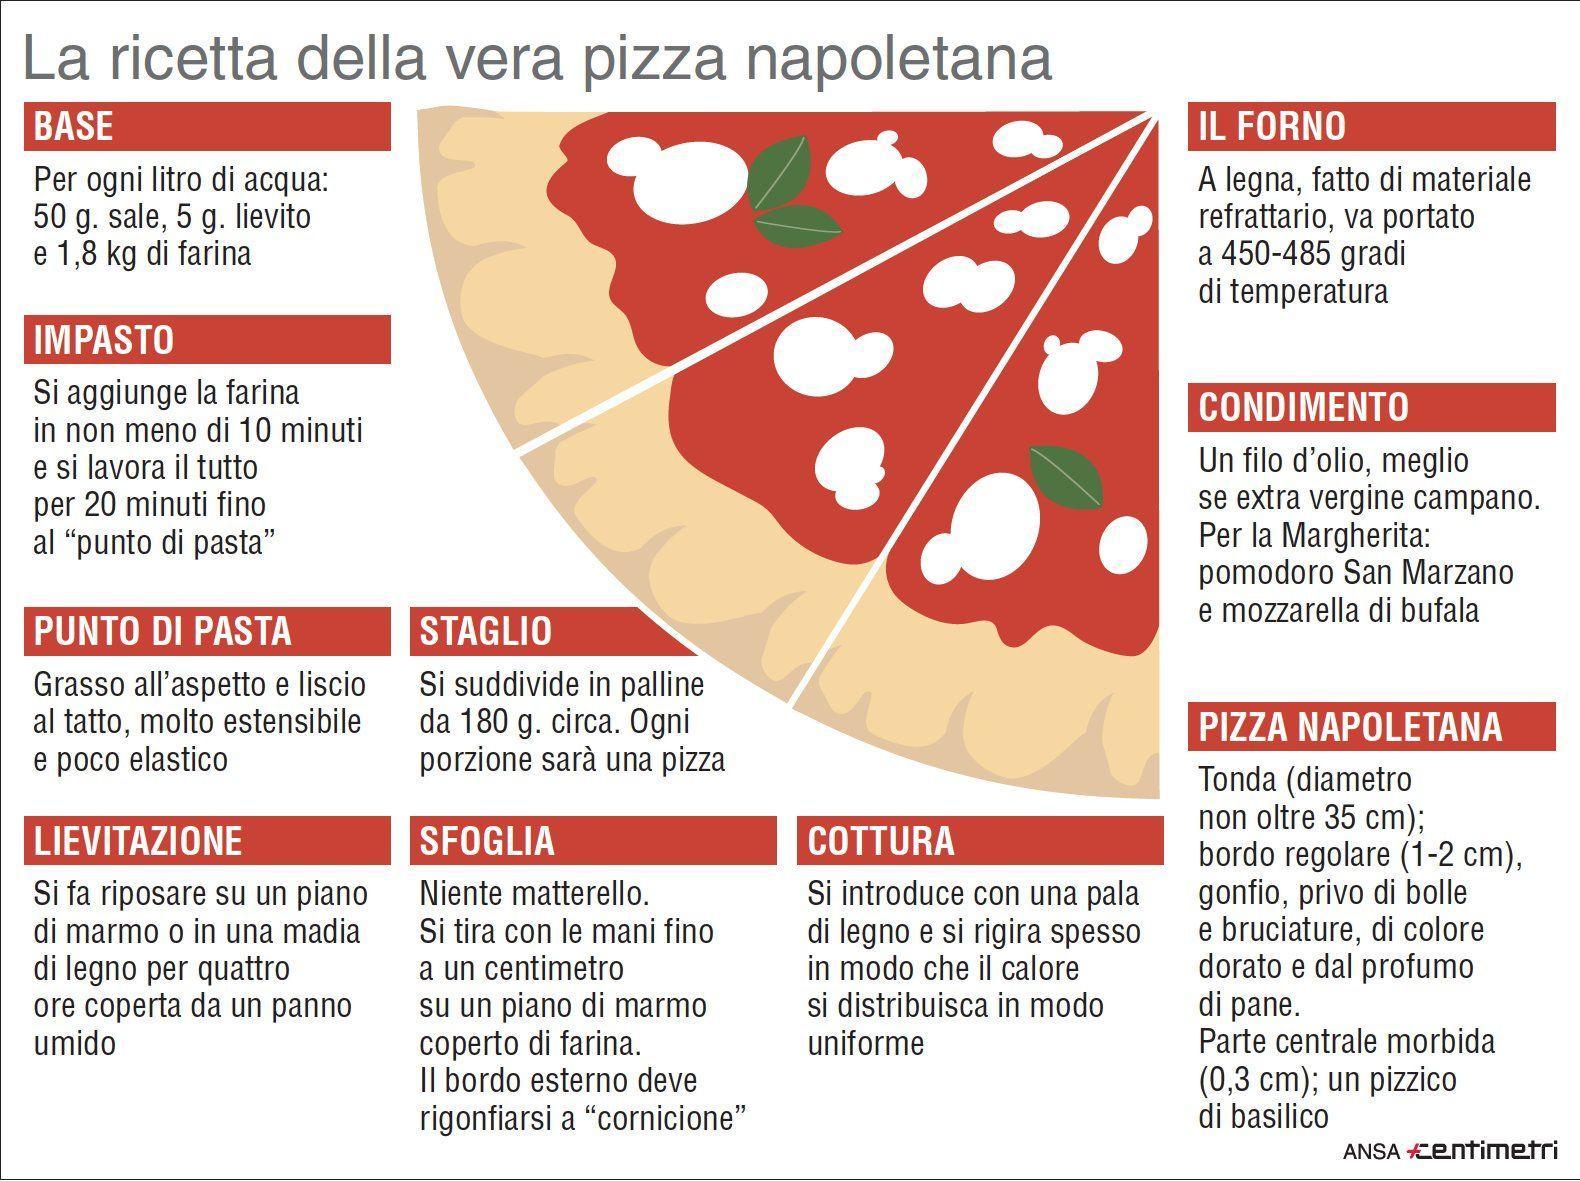 Autentica e napoletana, ecco la vera ricetta per fare la pizza